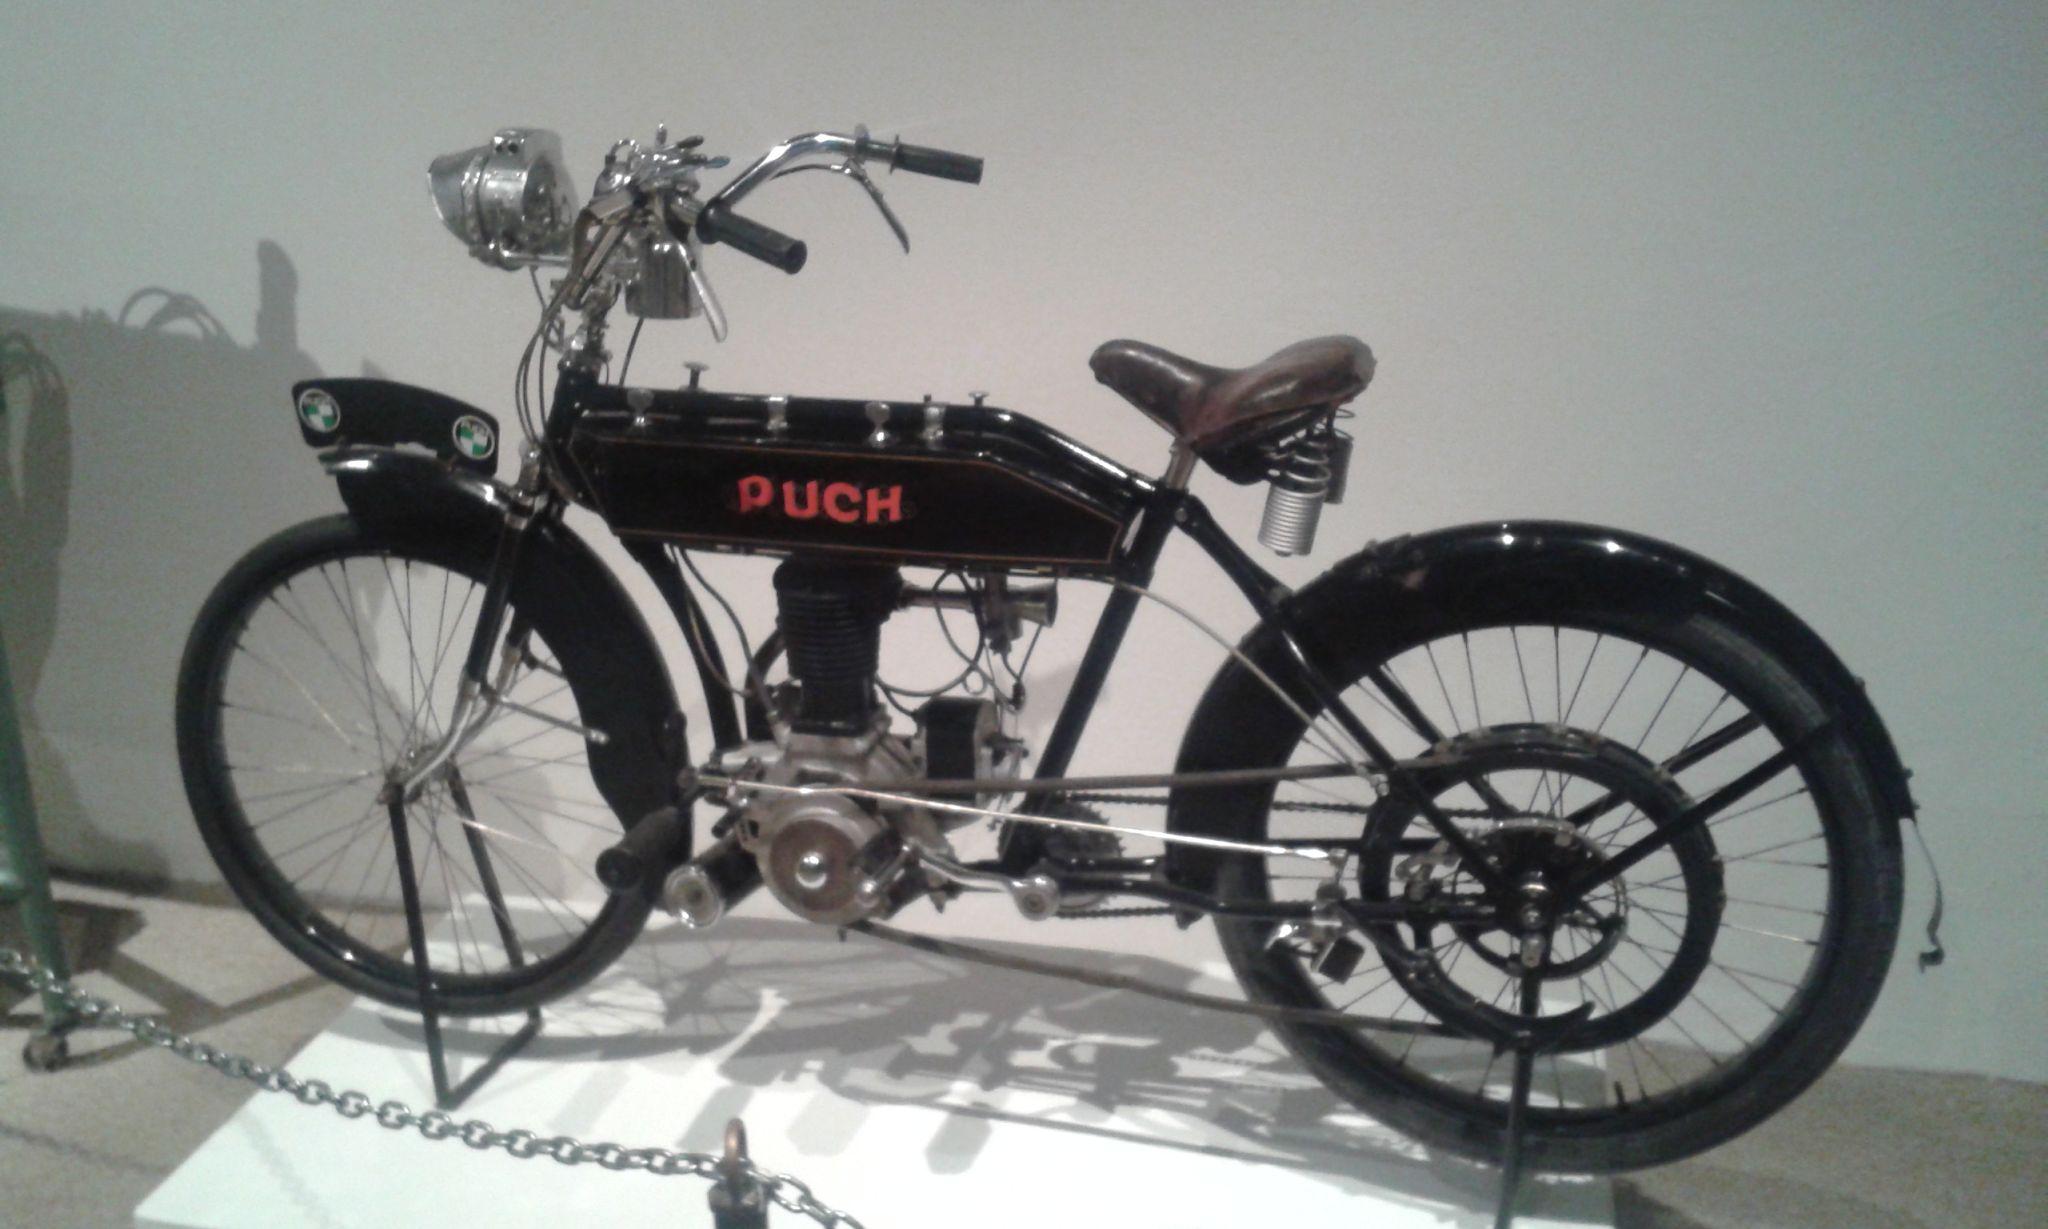 12 - Puch motorkerékpár